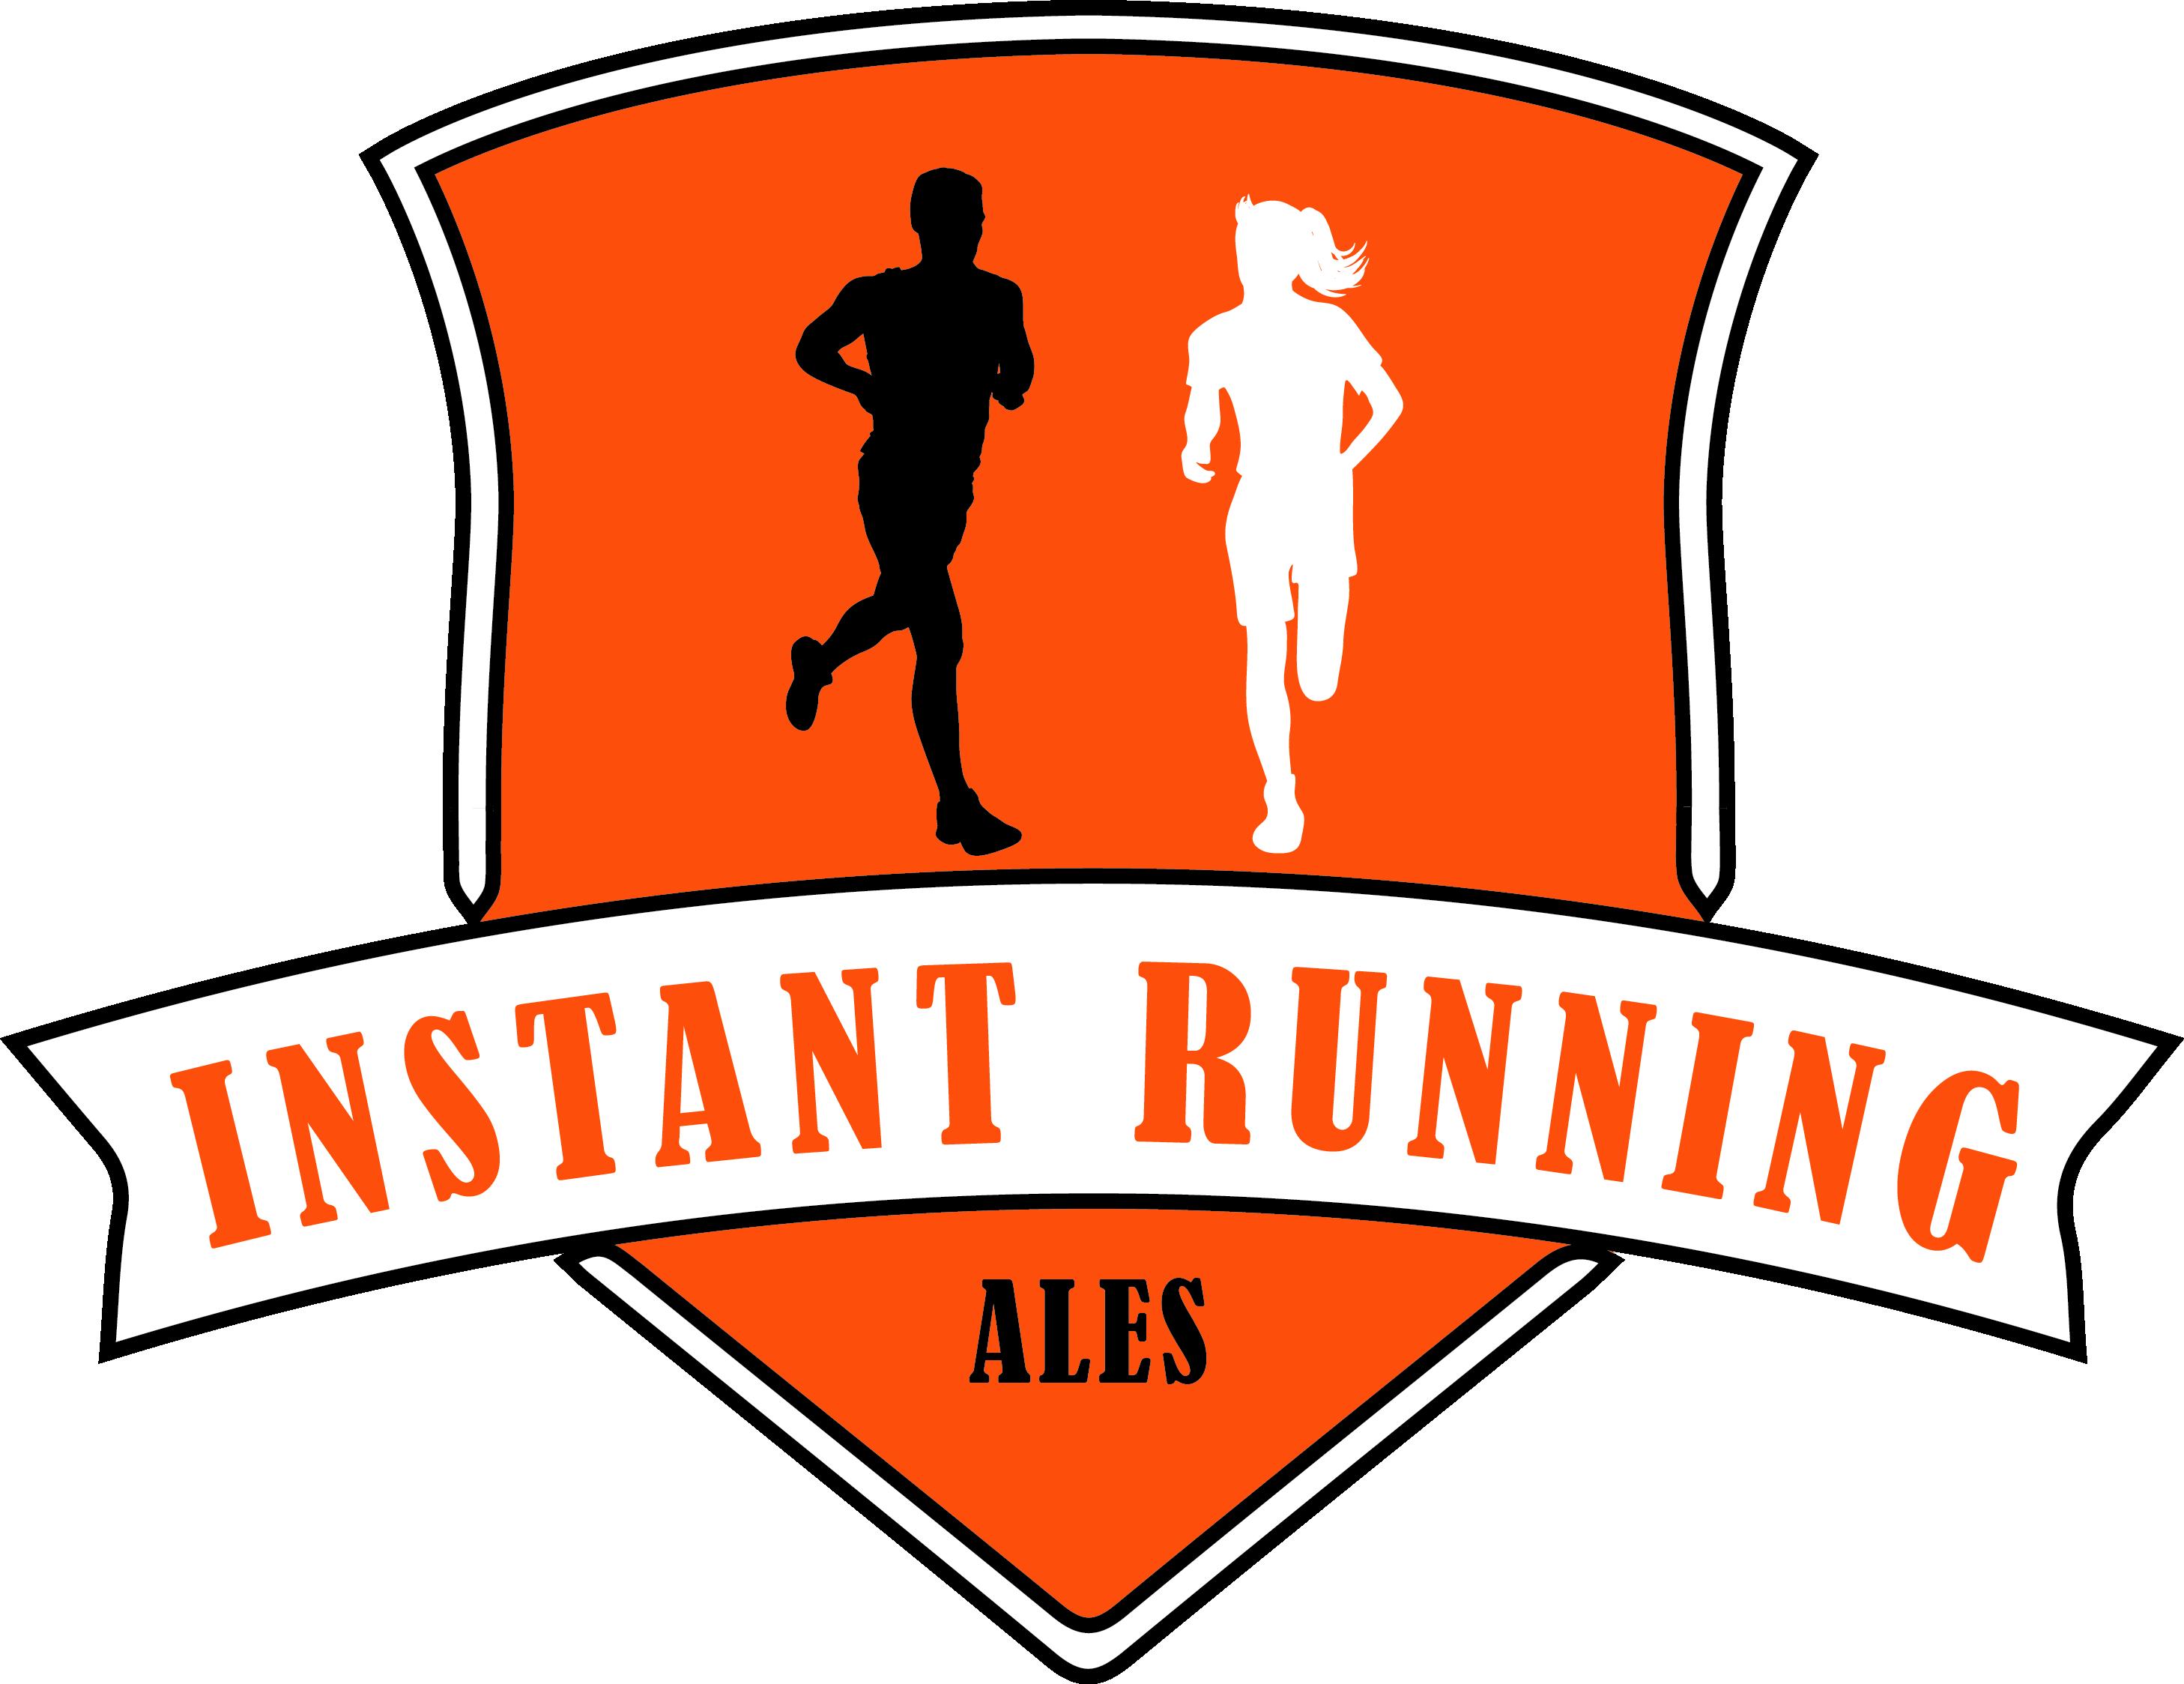 Logo Instant Running Alès, magasin spécialisé dans la vente d'articles de running